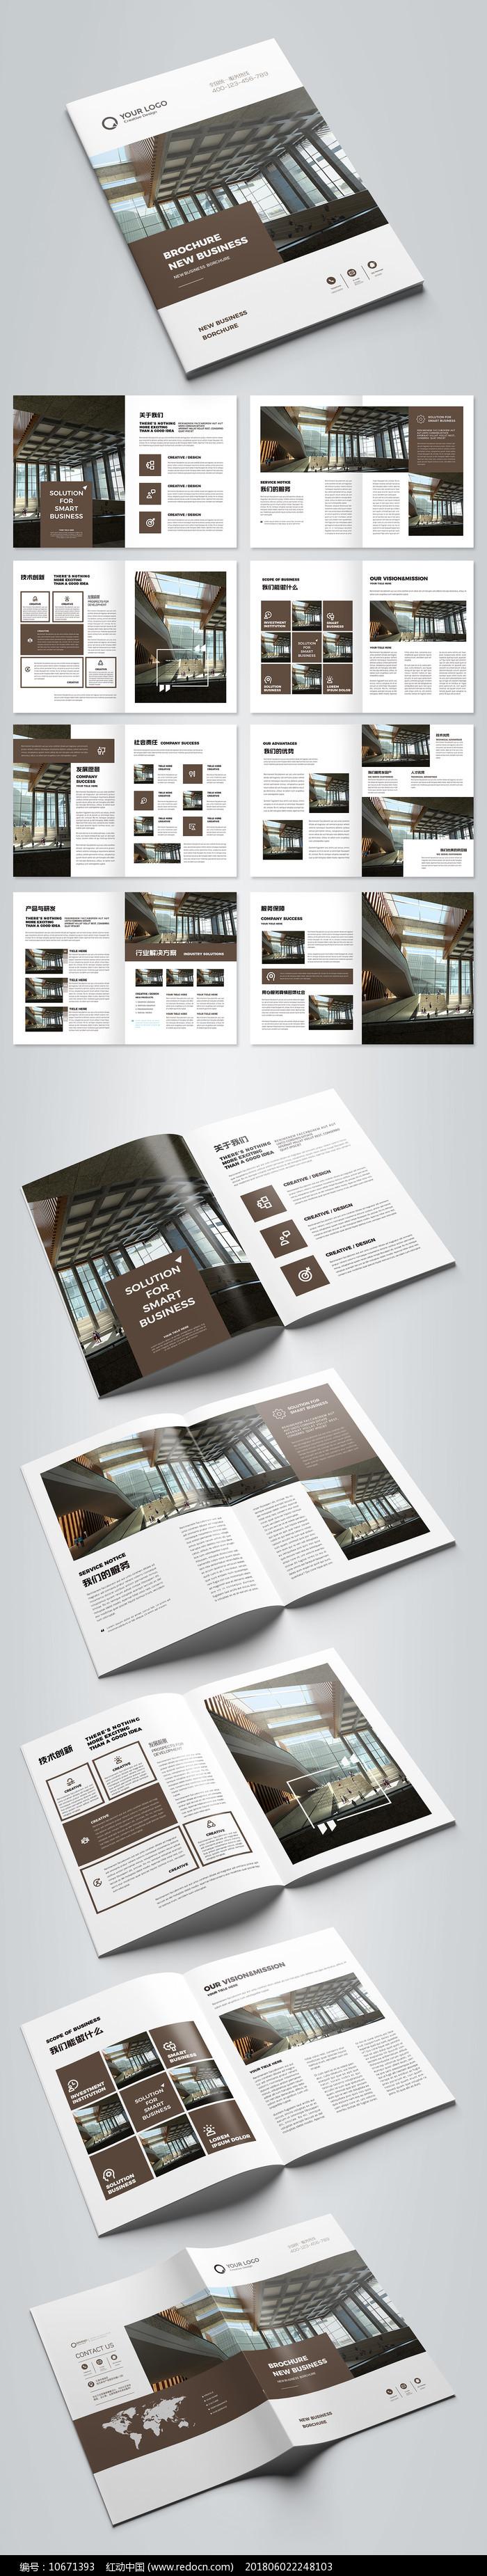 简约大气企业宣传册画册模板图片